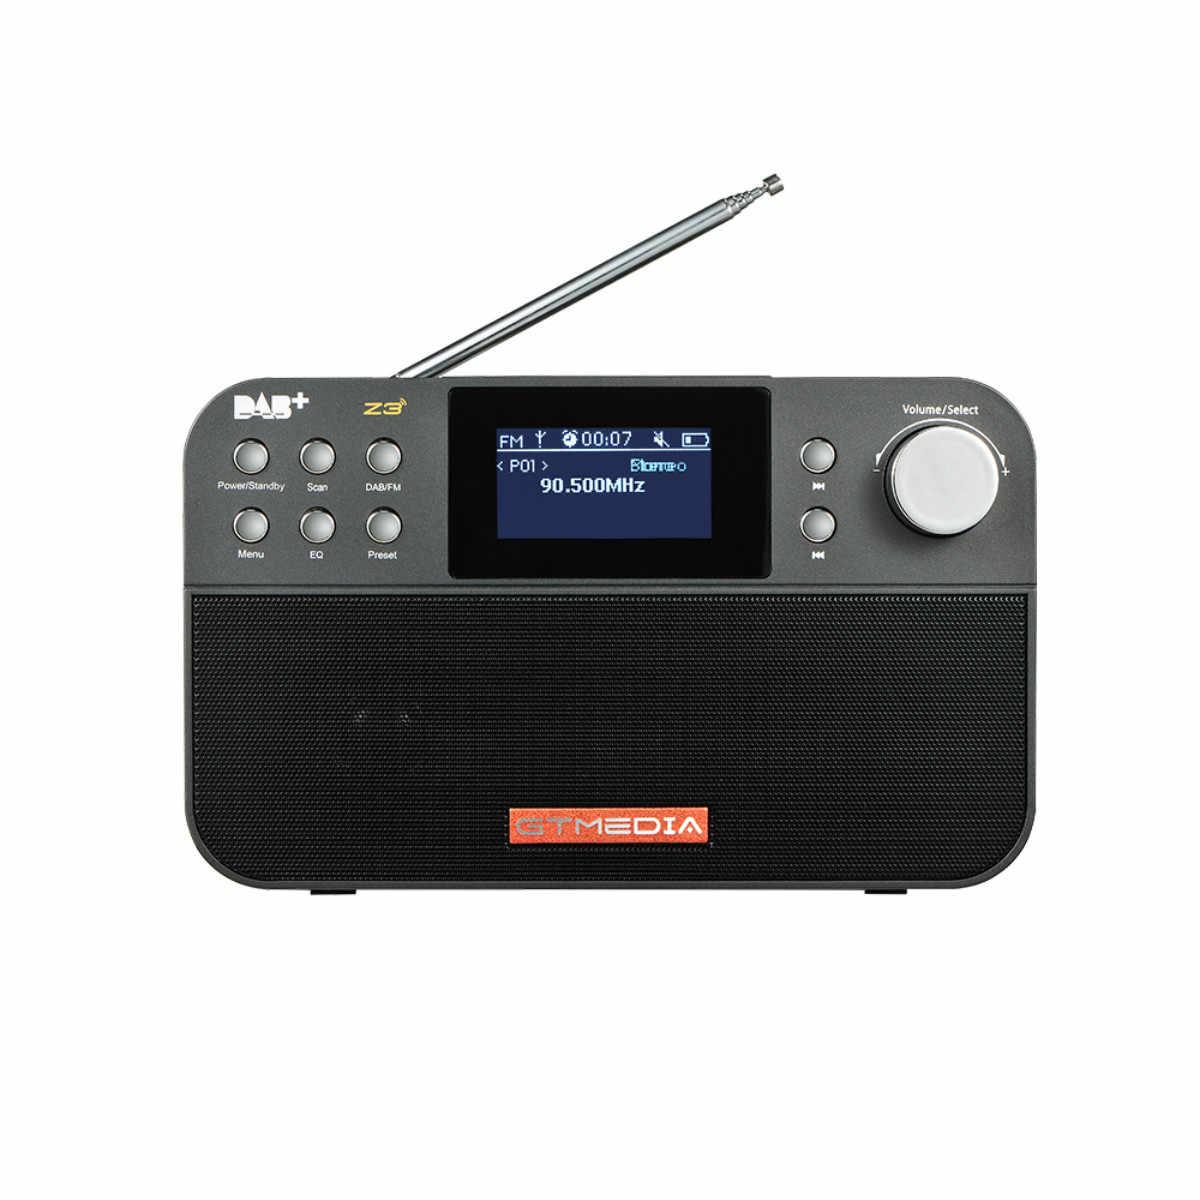 DAB + DAB FM ラジオデジタルポータブルラジオ FM ステレオ RDS フルバンド液晶 TFT アラームクロックラジオエルダーギフトアップグレード版 Z3